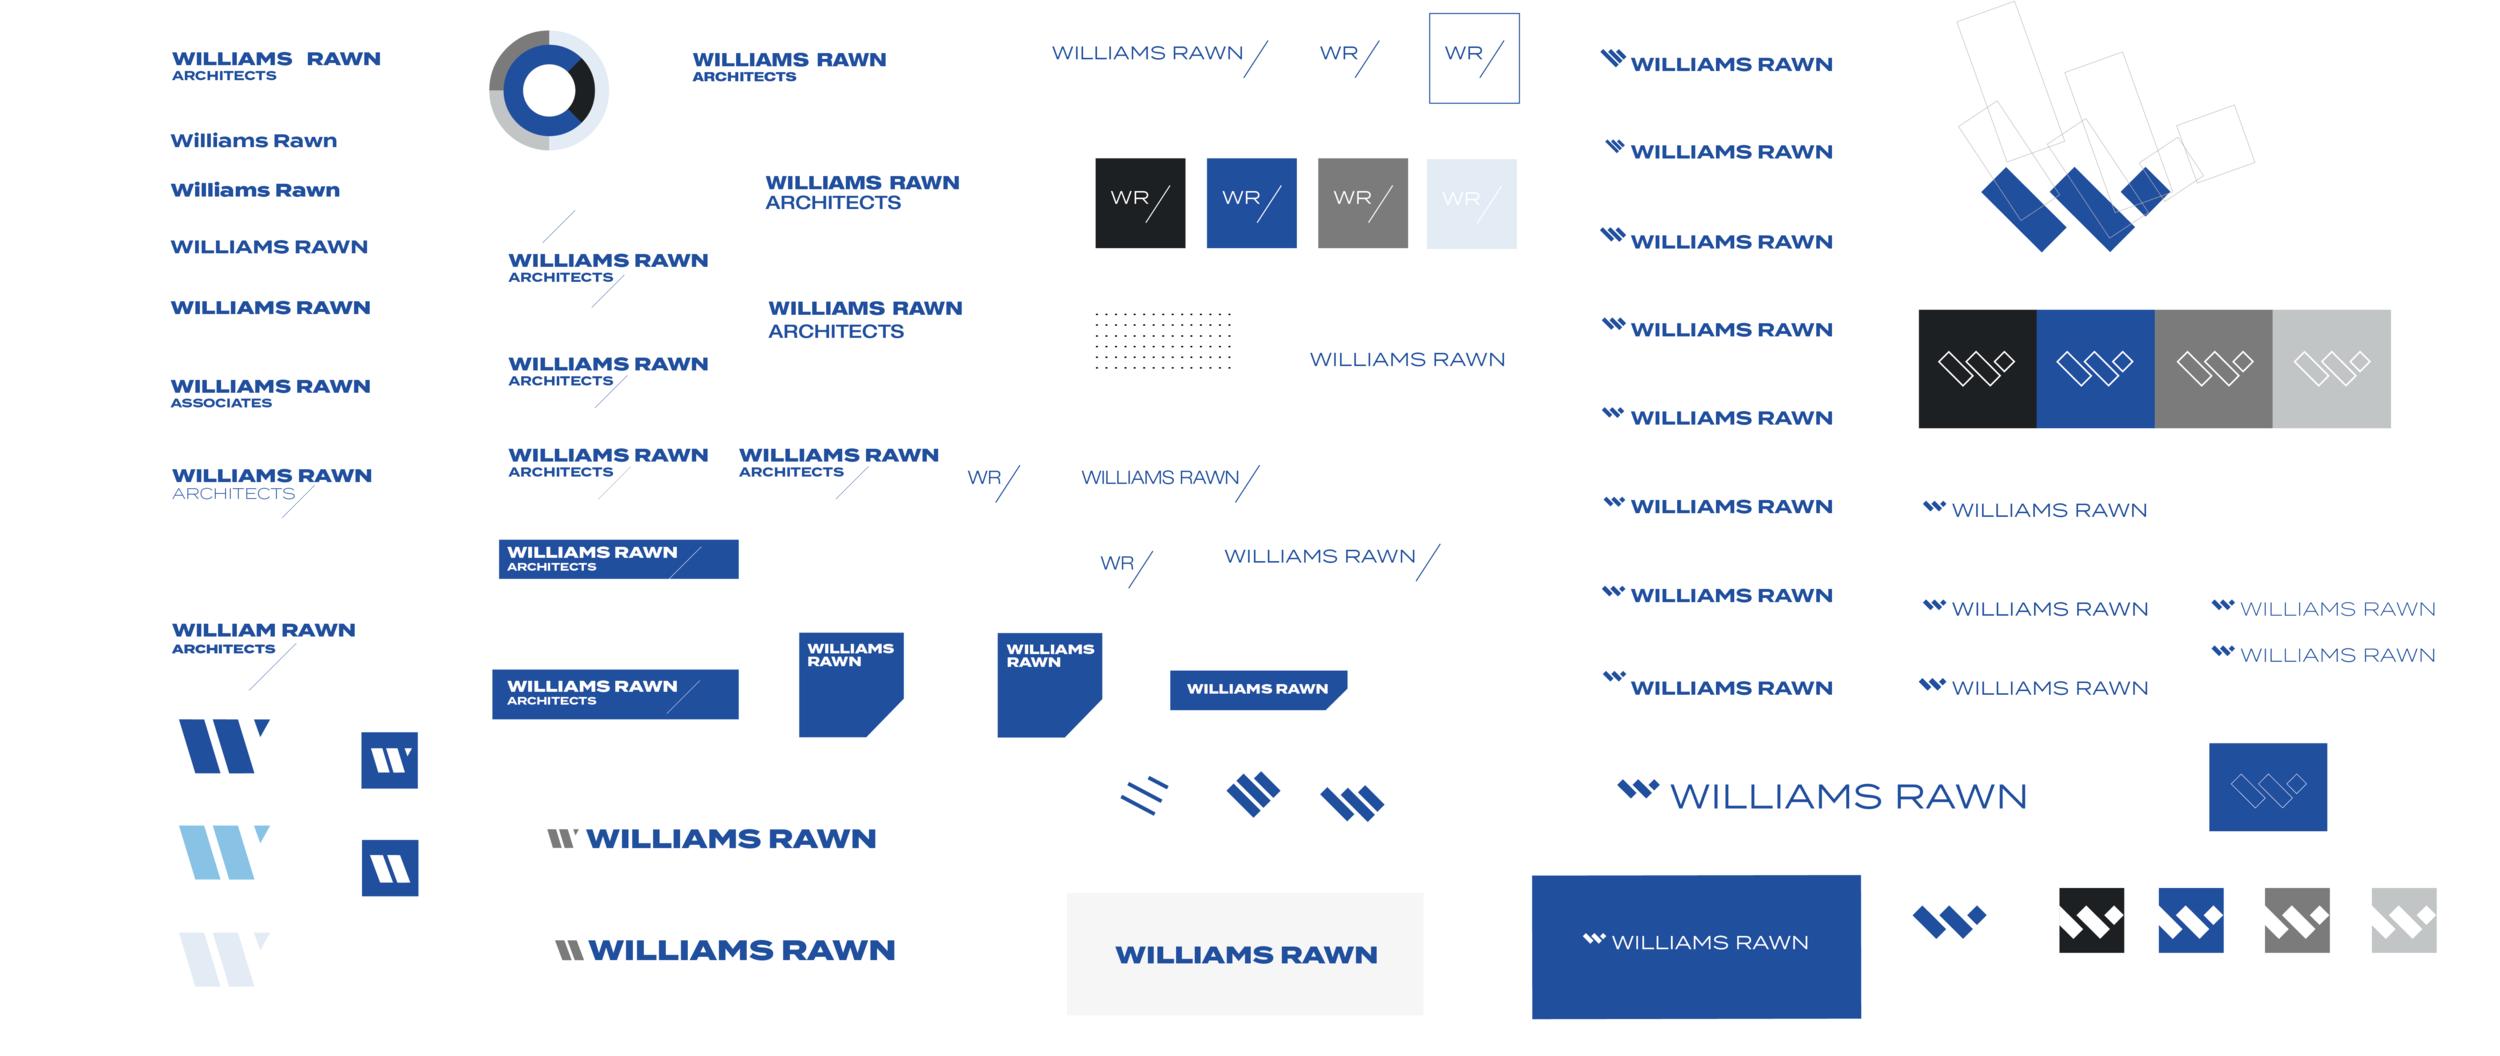 william-rawn-logo-ideas-01.png